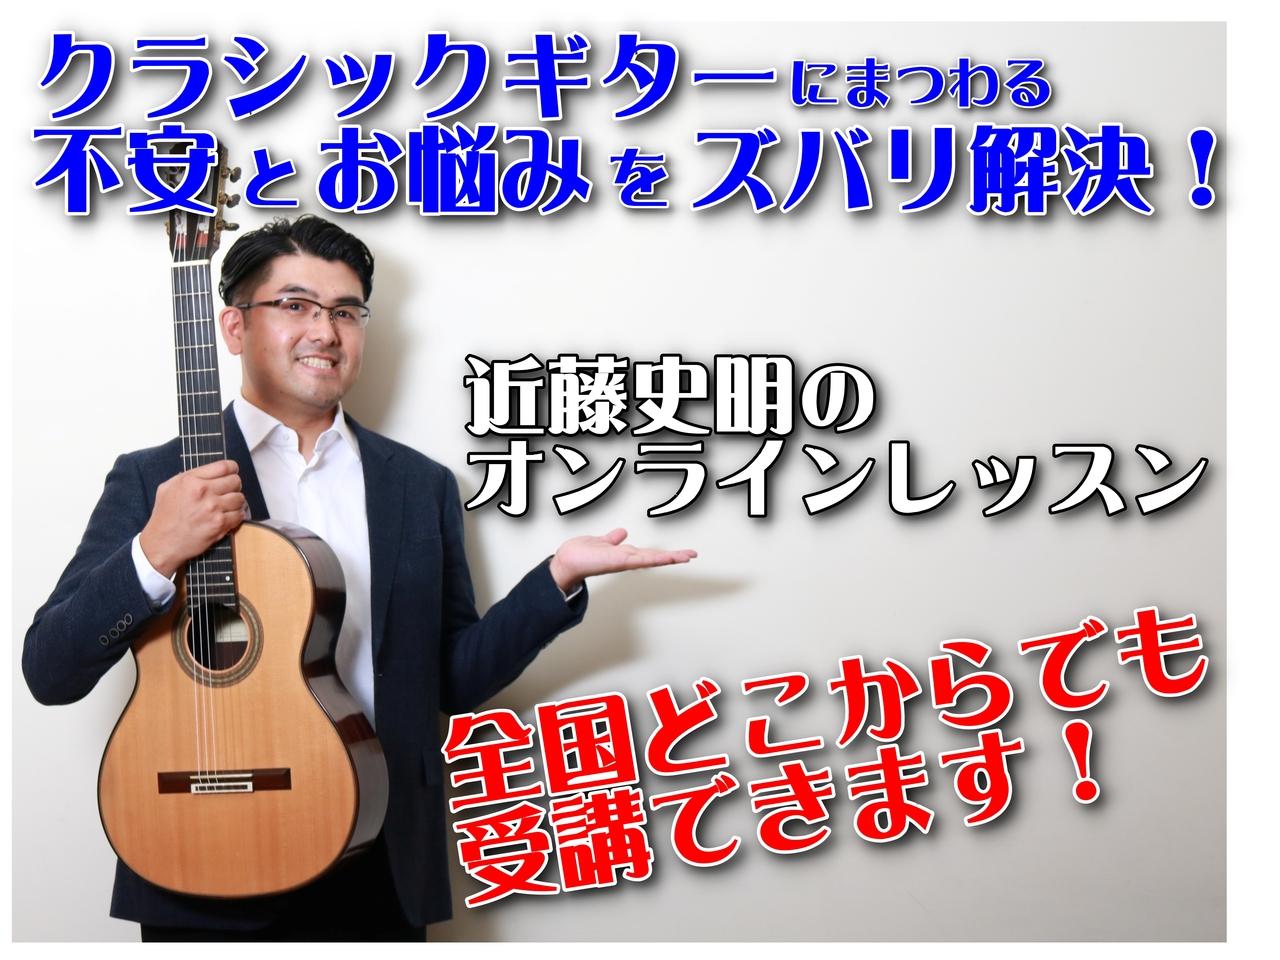 近藤史明先生のオンラインレッスン